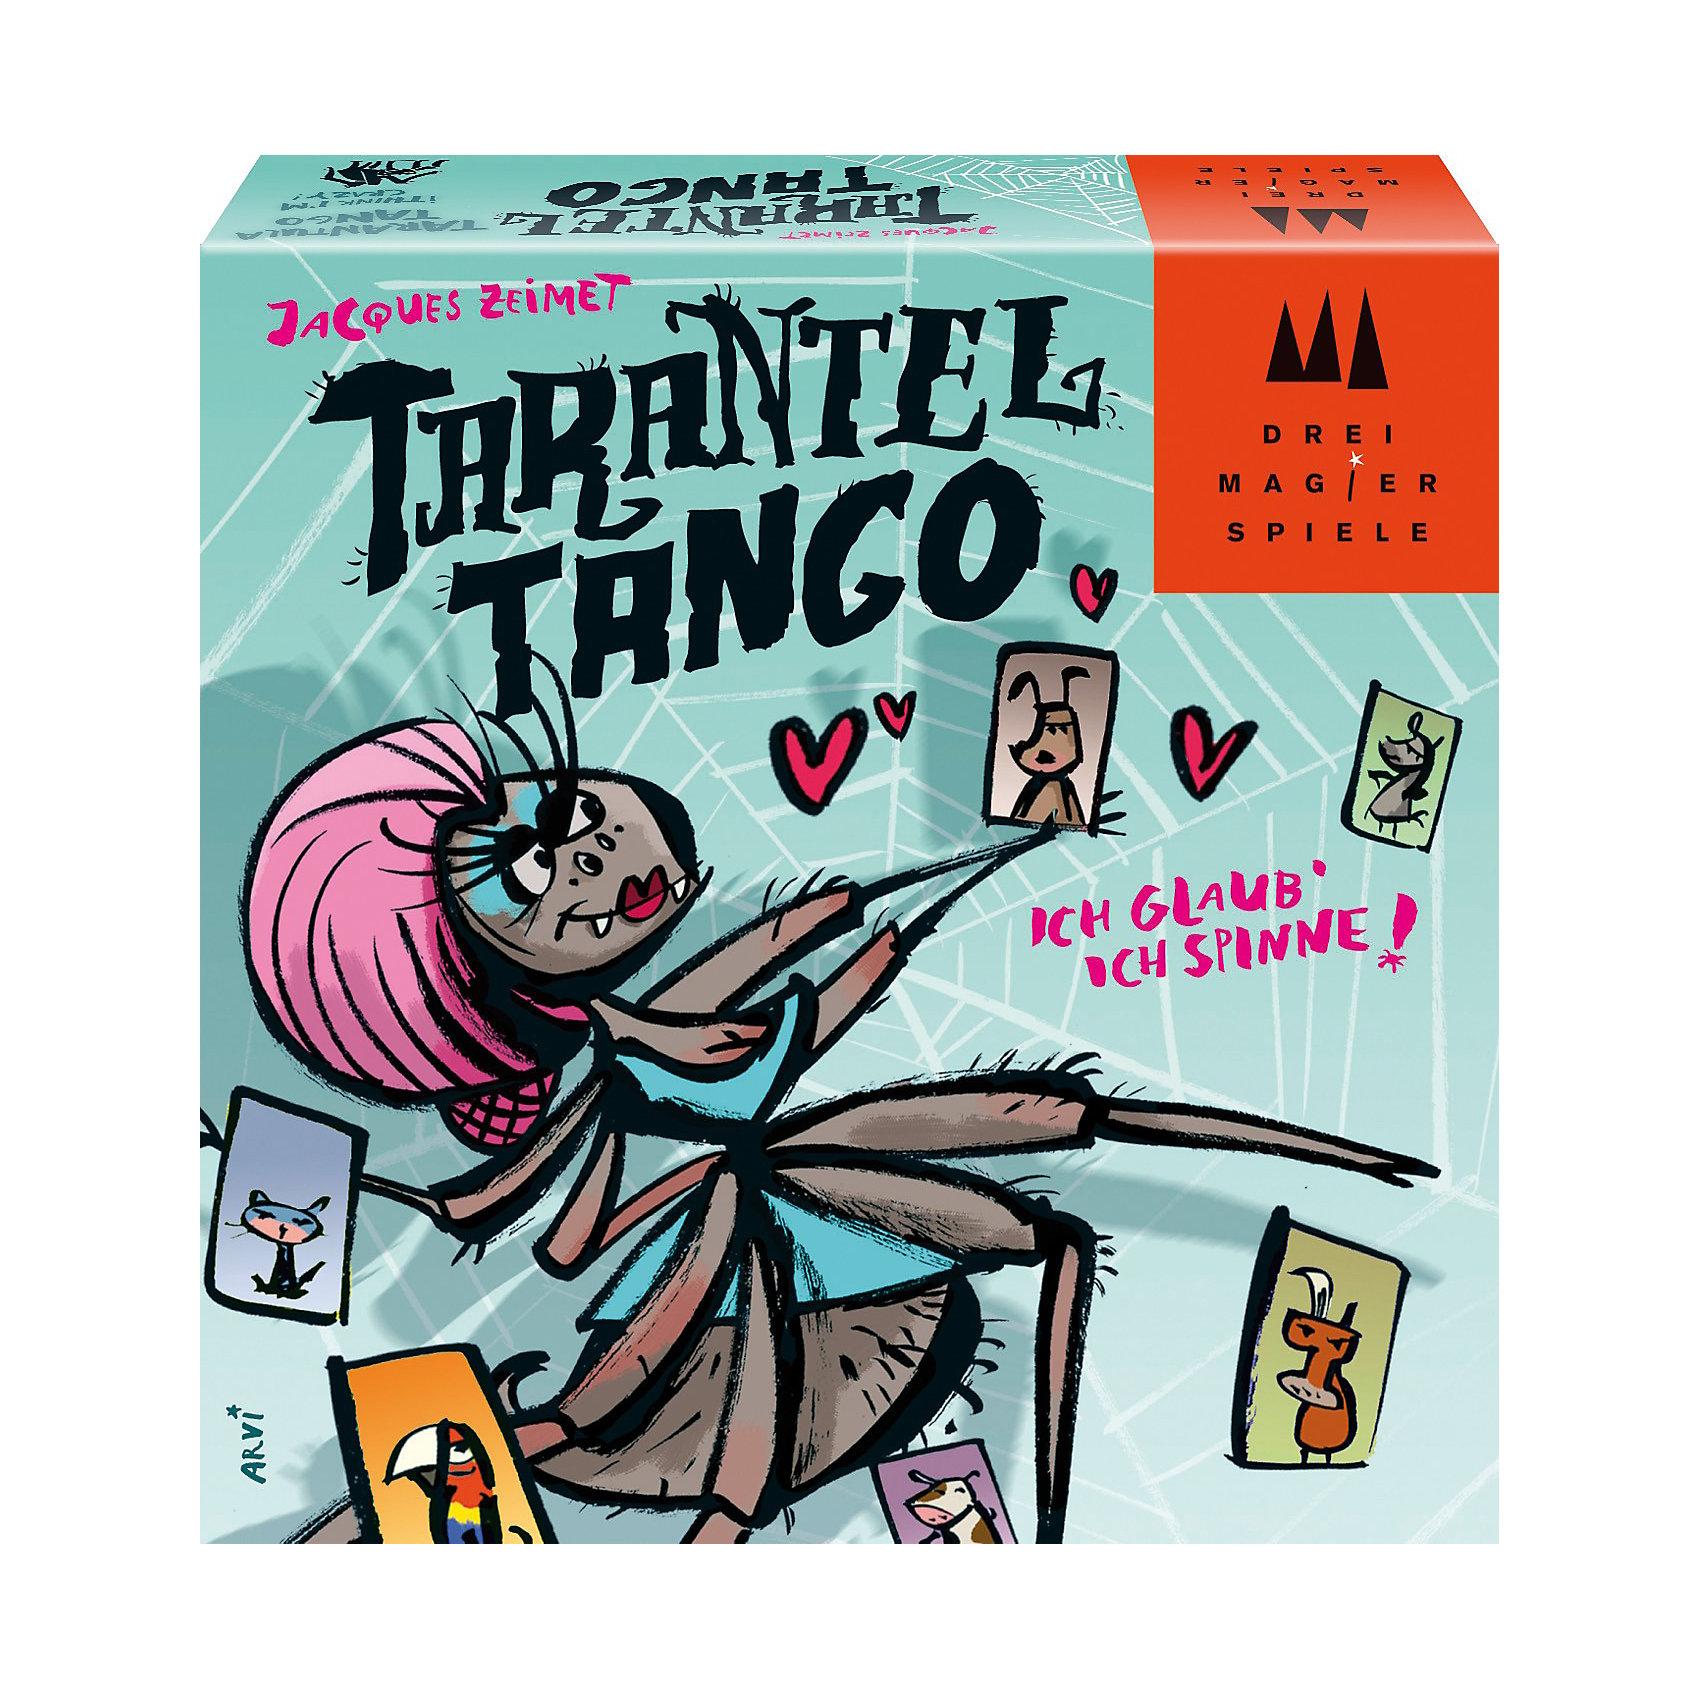 Игра Танго с Тарантулом, SchmidtНастольные игры для всей семьи<br>Игра Танго с Тарантулом, Schmidt - сможет разнообразить вечер с друзьям! Игра простая, но очень забавная. Помоги тарантулу найти пару для танцев! Но другие животные боятся его угрожающего вида и вскрикивают! Будь внимательным и артистичным и сможешь избавиться от своих карточек первым. Правила игры простые и понятные: положите Танго-тарантула на середину стола, перемешайте все 120 карточек и поровну распределите их между всеми игроками. Первый игрок прикладывает верхнюю карточку из своей стопки короткой стороной к одной из сторон карточки Танго-тарантула. После этого наступает очередь игрока слева. Карточки раскладываются в направлении по часовой стрелке. Перед тем как выложить новую карту из своей колоды, игрок должен изобразить животное, изображенное на карте предыдущего игрока. И наконец, если новая карта с Тарантулом входит в игру, все игроки должны хлопнуть рукой по столу.<br><br>Дополнительная информация:<br><br>- В комплекте: 120 карточек с изображением животных (собака, корова, ослик, коза, кошка, попугай), 5 карточек тарантула, Танго-тарантул (пятисторонняя карточка), правила игры;<br>- Количество: 2-5 игроков;<br>- Время игры: 15-20 минут;<br>- Игра для веселой компании;<br>- Размер упаковки: 11 x 3,5 x 11 см;<br>- Вес: 210 г<br><br>Игру Танго с Тарантулом, Schmidt можно купить в нашем интернет-магазине.<br><br>Ширина мм: 112<br>Глубина мм: 116<br>Высота мм: 35<br>Вес г: 216<br>Возраст от месяцев: 84<br>Возраст до месяцев: 228<br>Пол: Унисекс<br>Возраст: Детский<br>SKU: 1914159